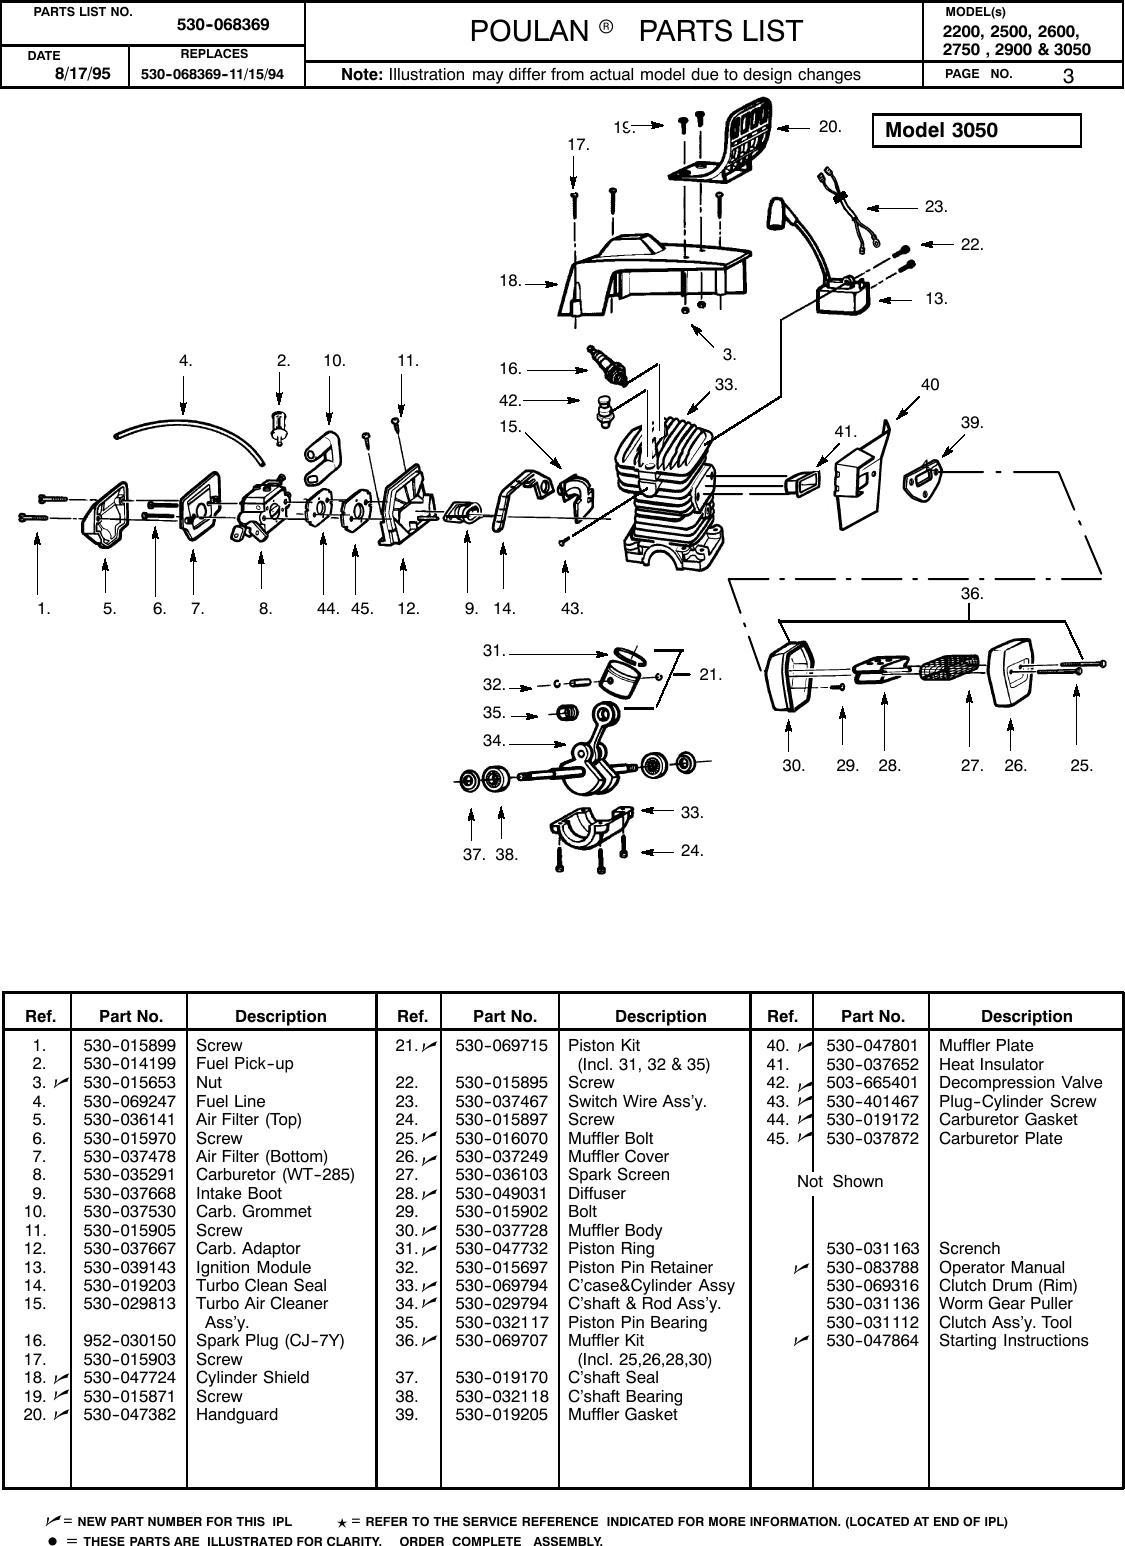 Poulan P2500 Parts Manual IPL, 2200, 2500, 2600, 2750